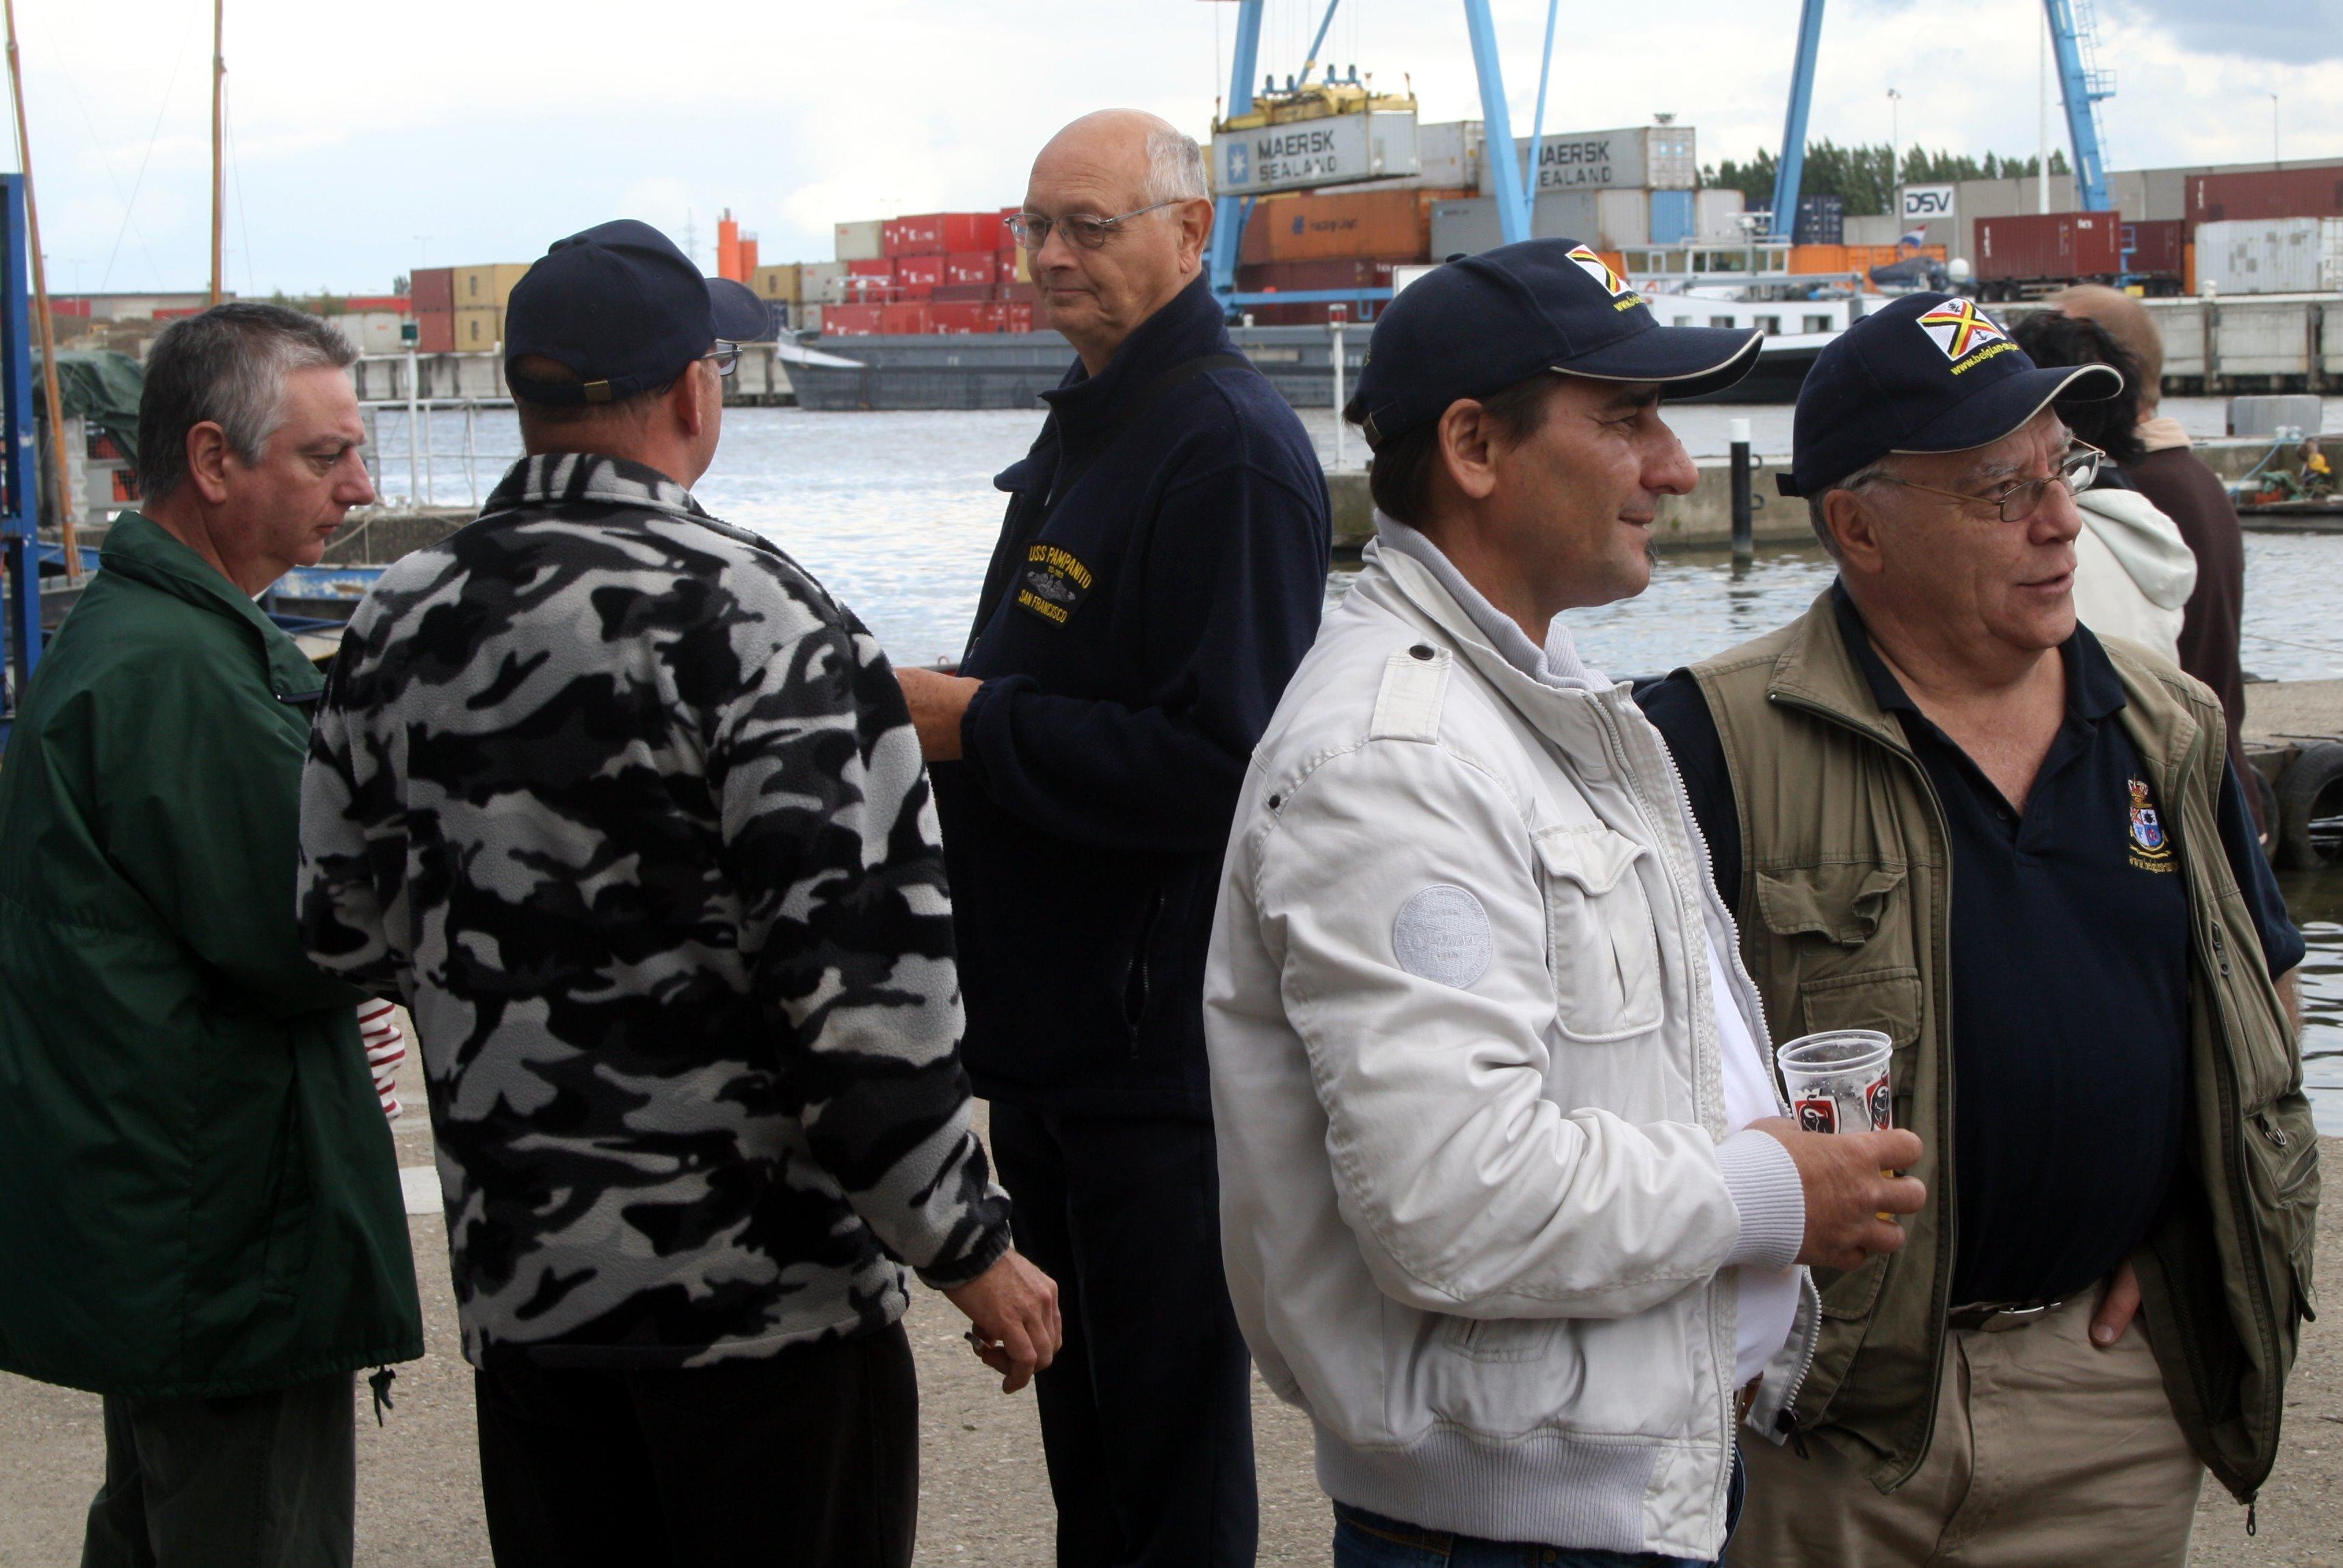 Fastes des Cadets de Marine à Bruxelles le 18/06/2011 - Page 22 1106220449391095838364380